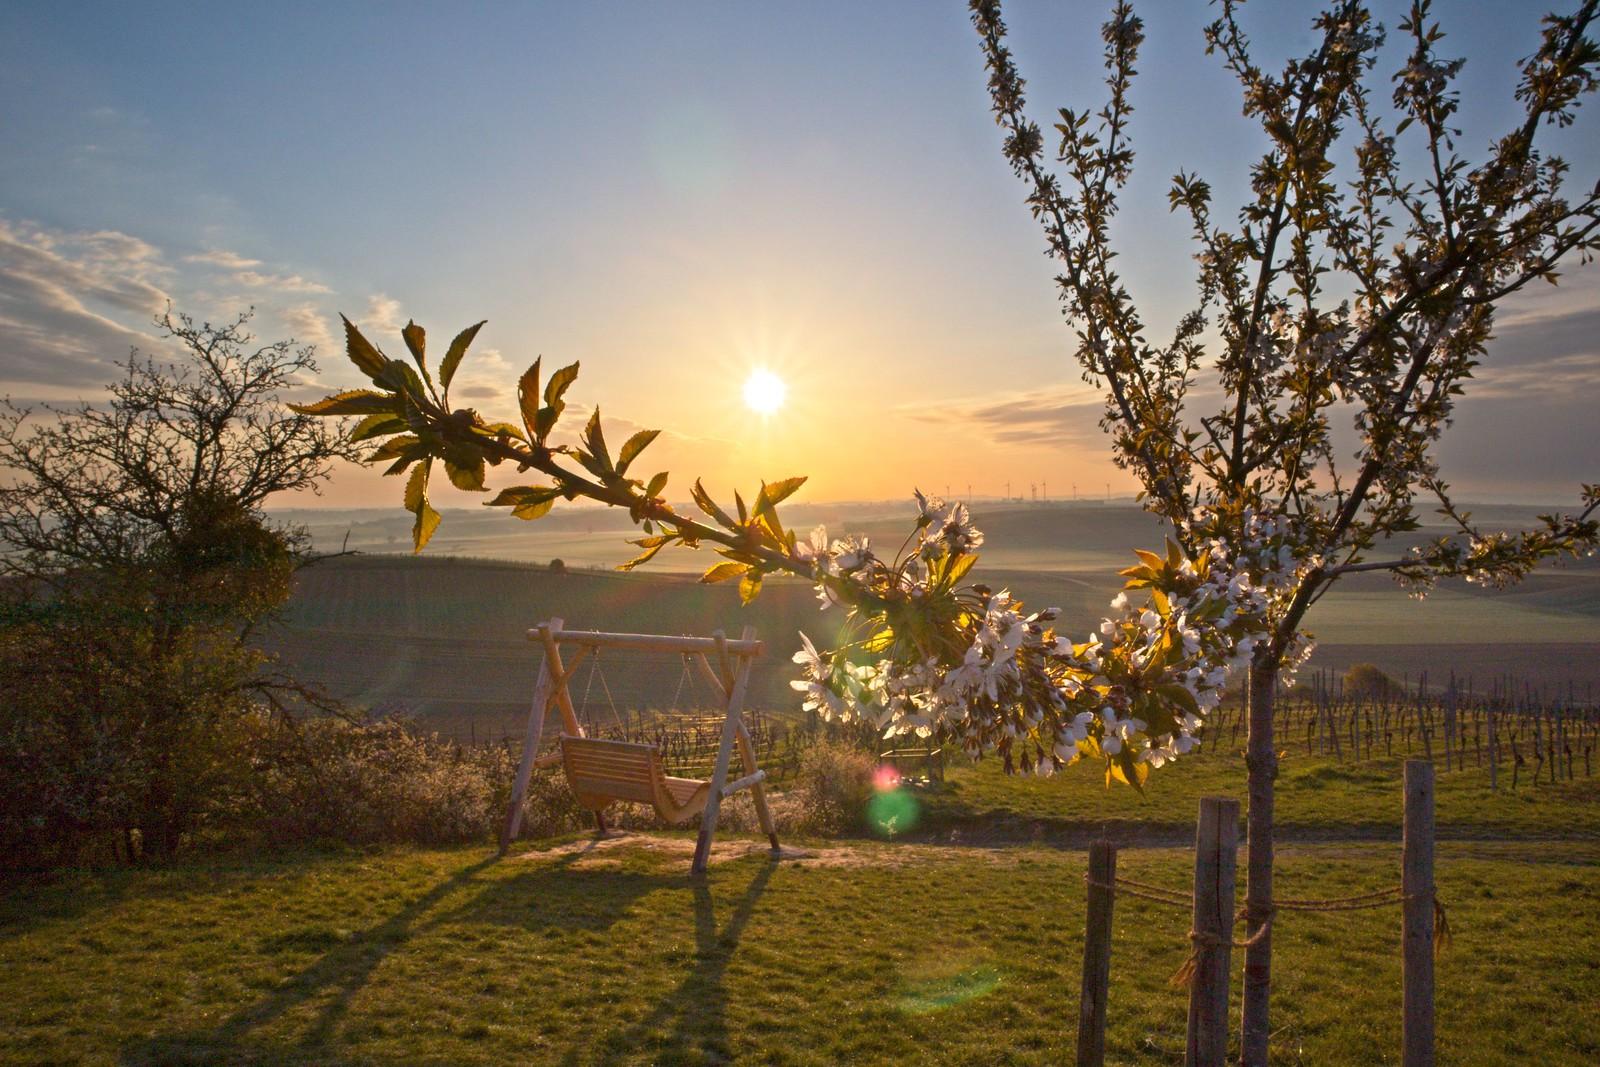 Morgendliche Frühlingssonne über der Schaukel am Petersberg (Canon EOS M50, EF-M 15-45mm f/3.5-6.3 IS STM, 45 mm, Zeitautomatik, 1/200 sek @ f/22, ISO 100, EV -0,67)